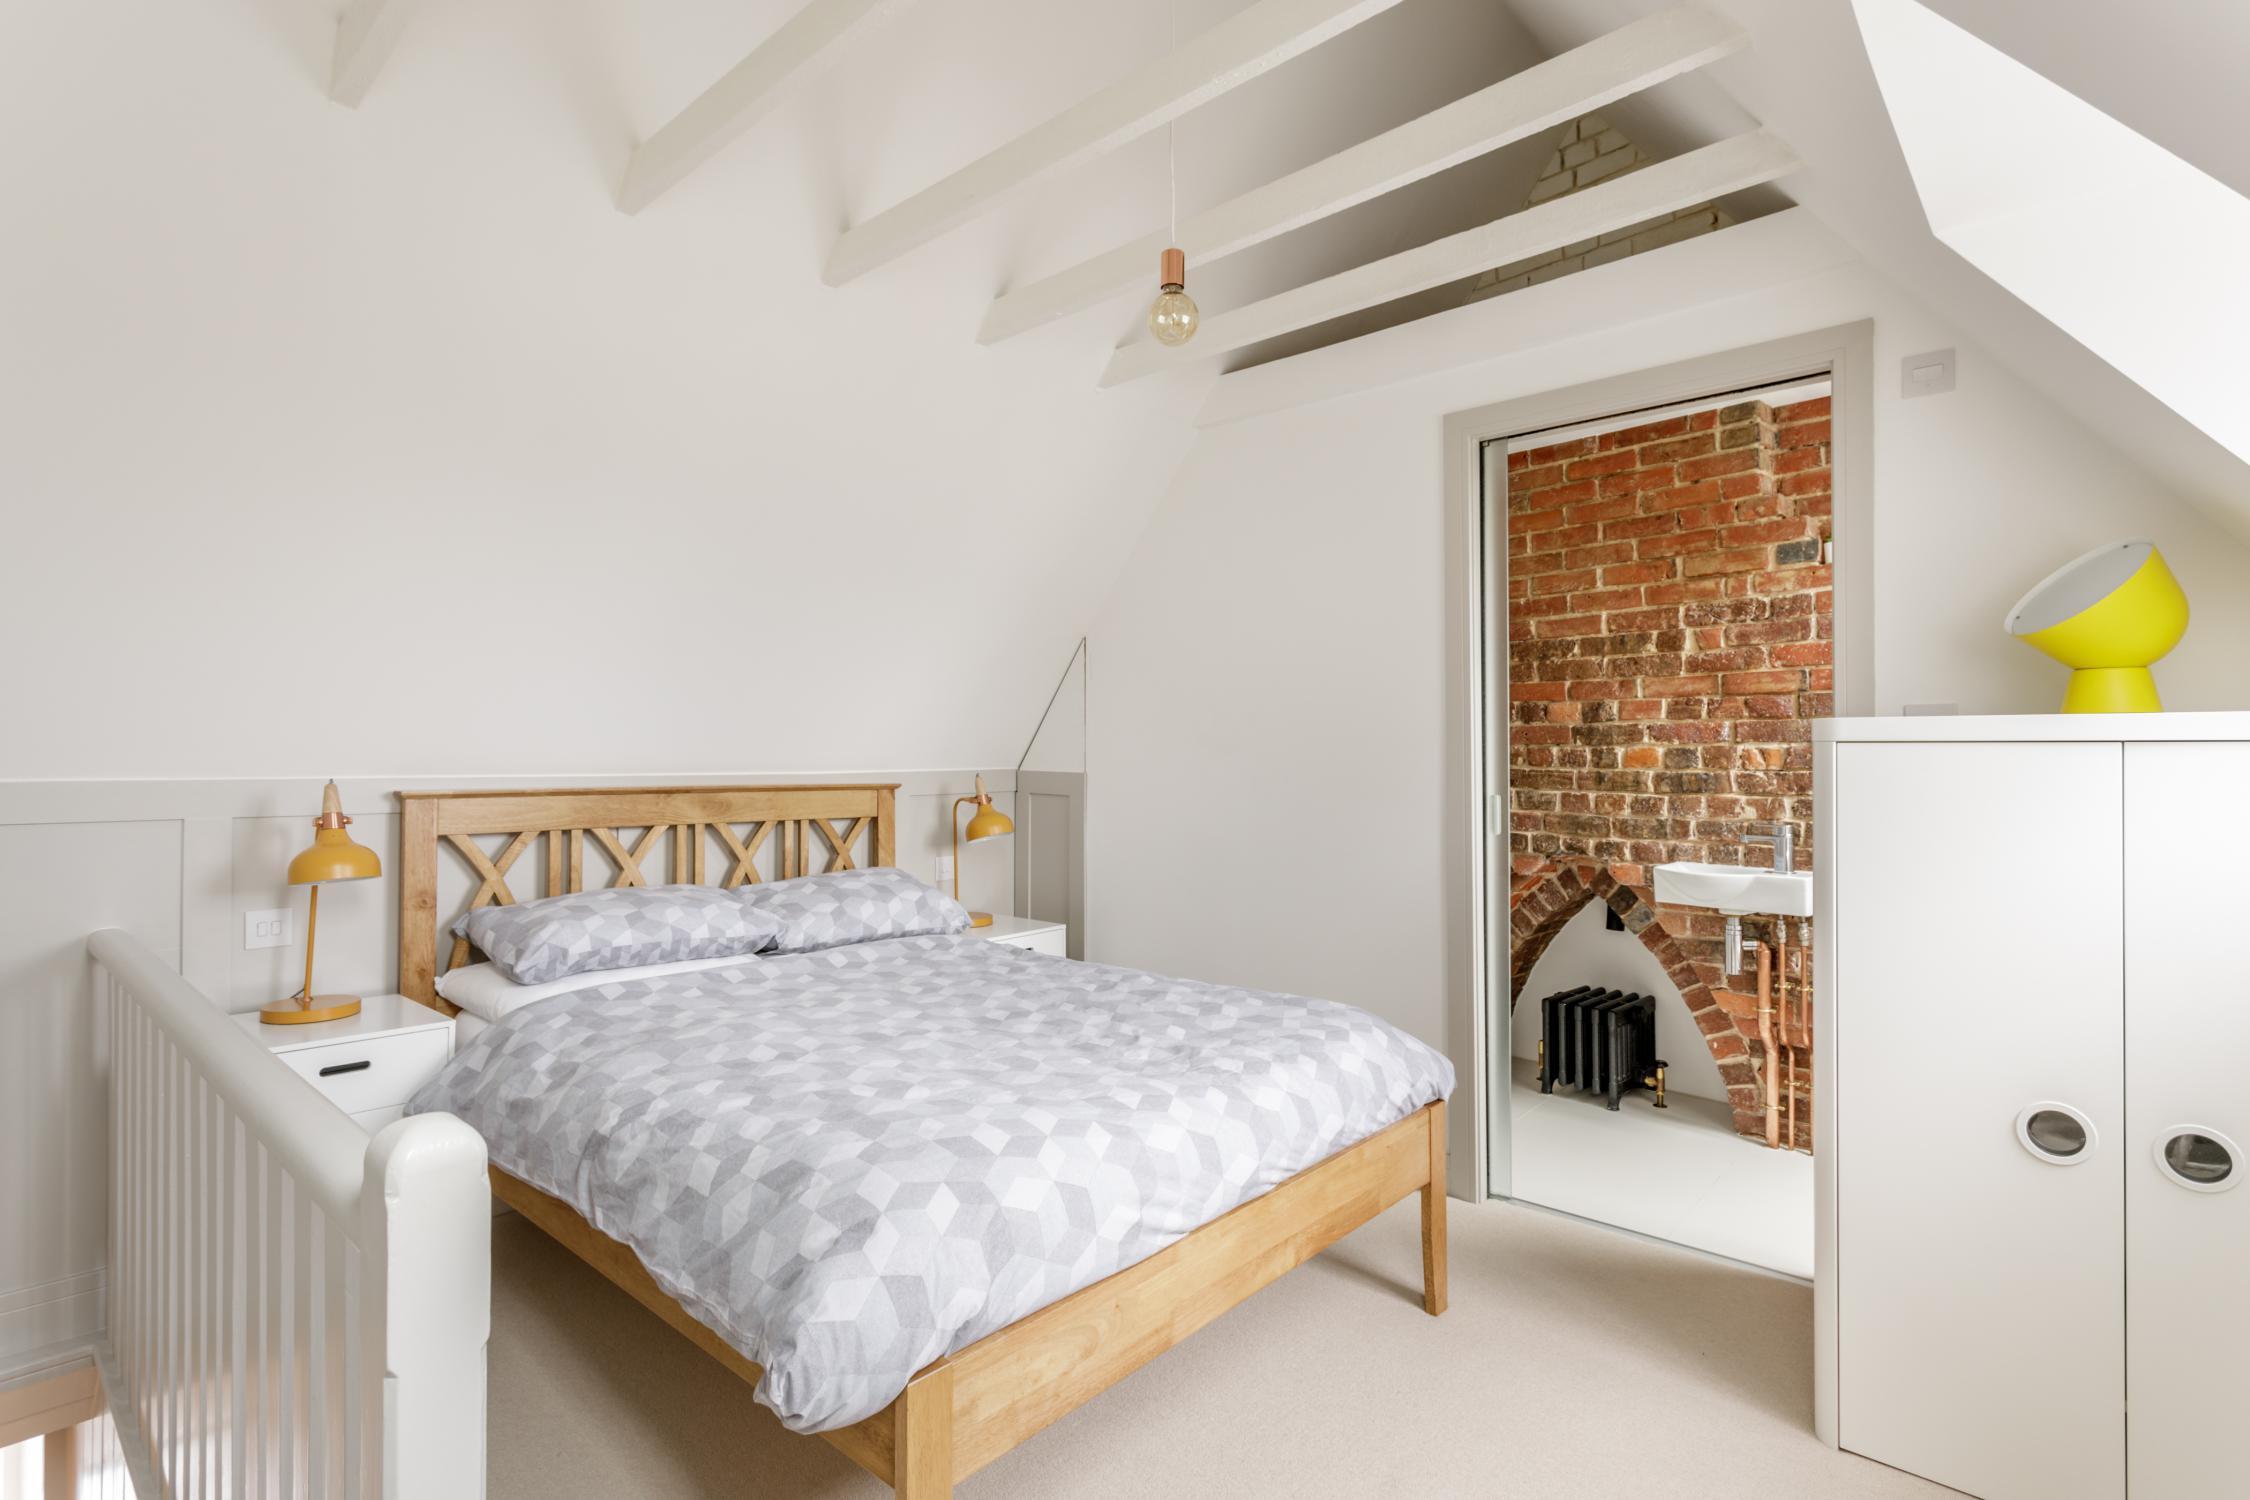 Worthing Builders-ExtraOrdinaryRooms-Arundel renovation Bedroom in the loft.jpg